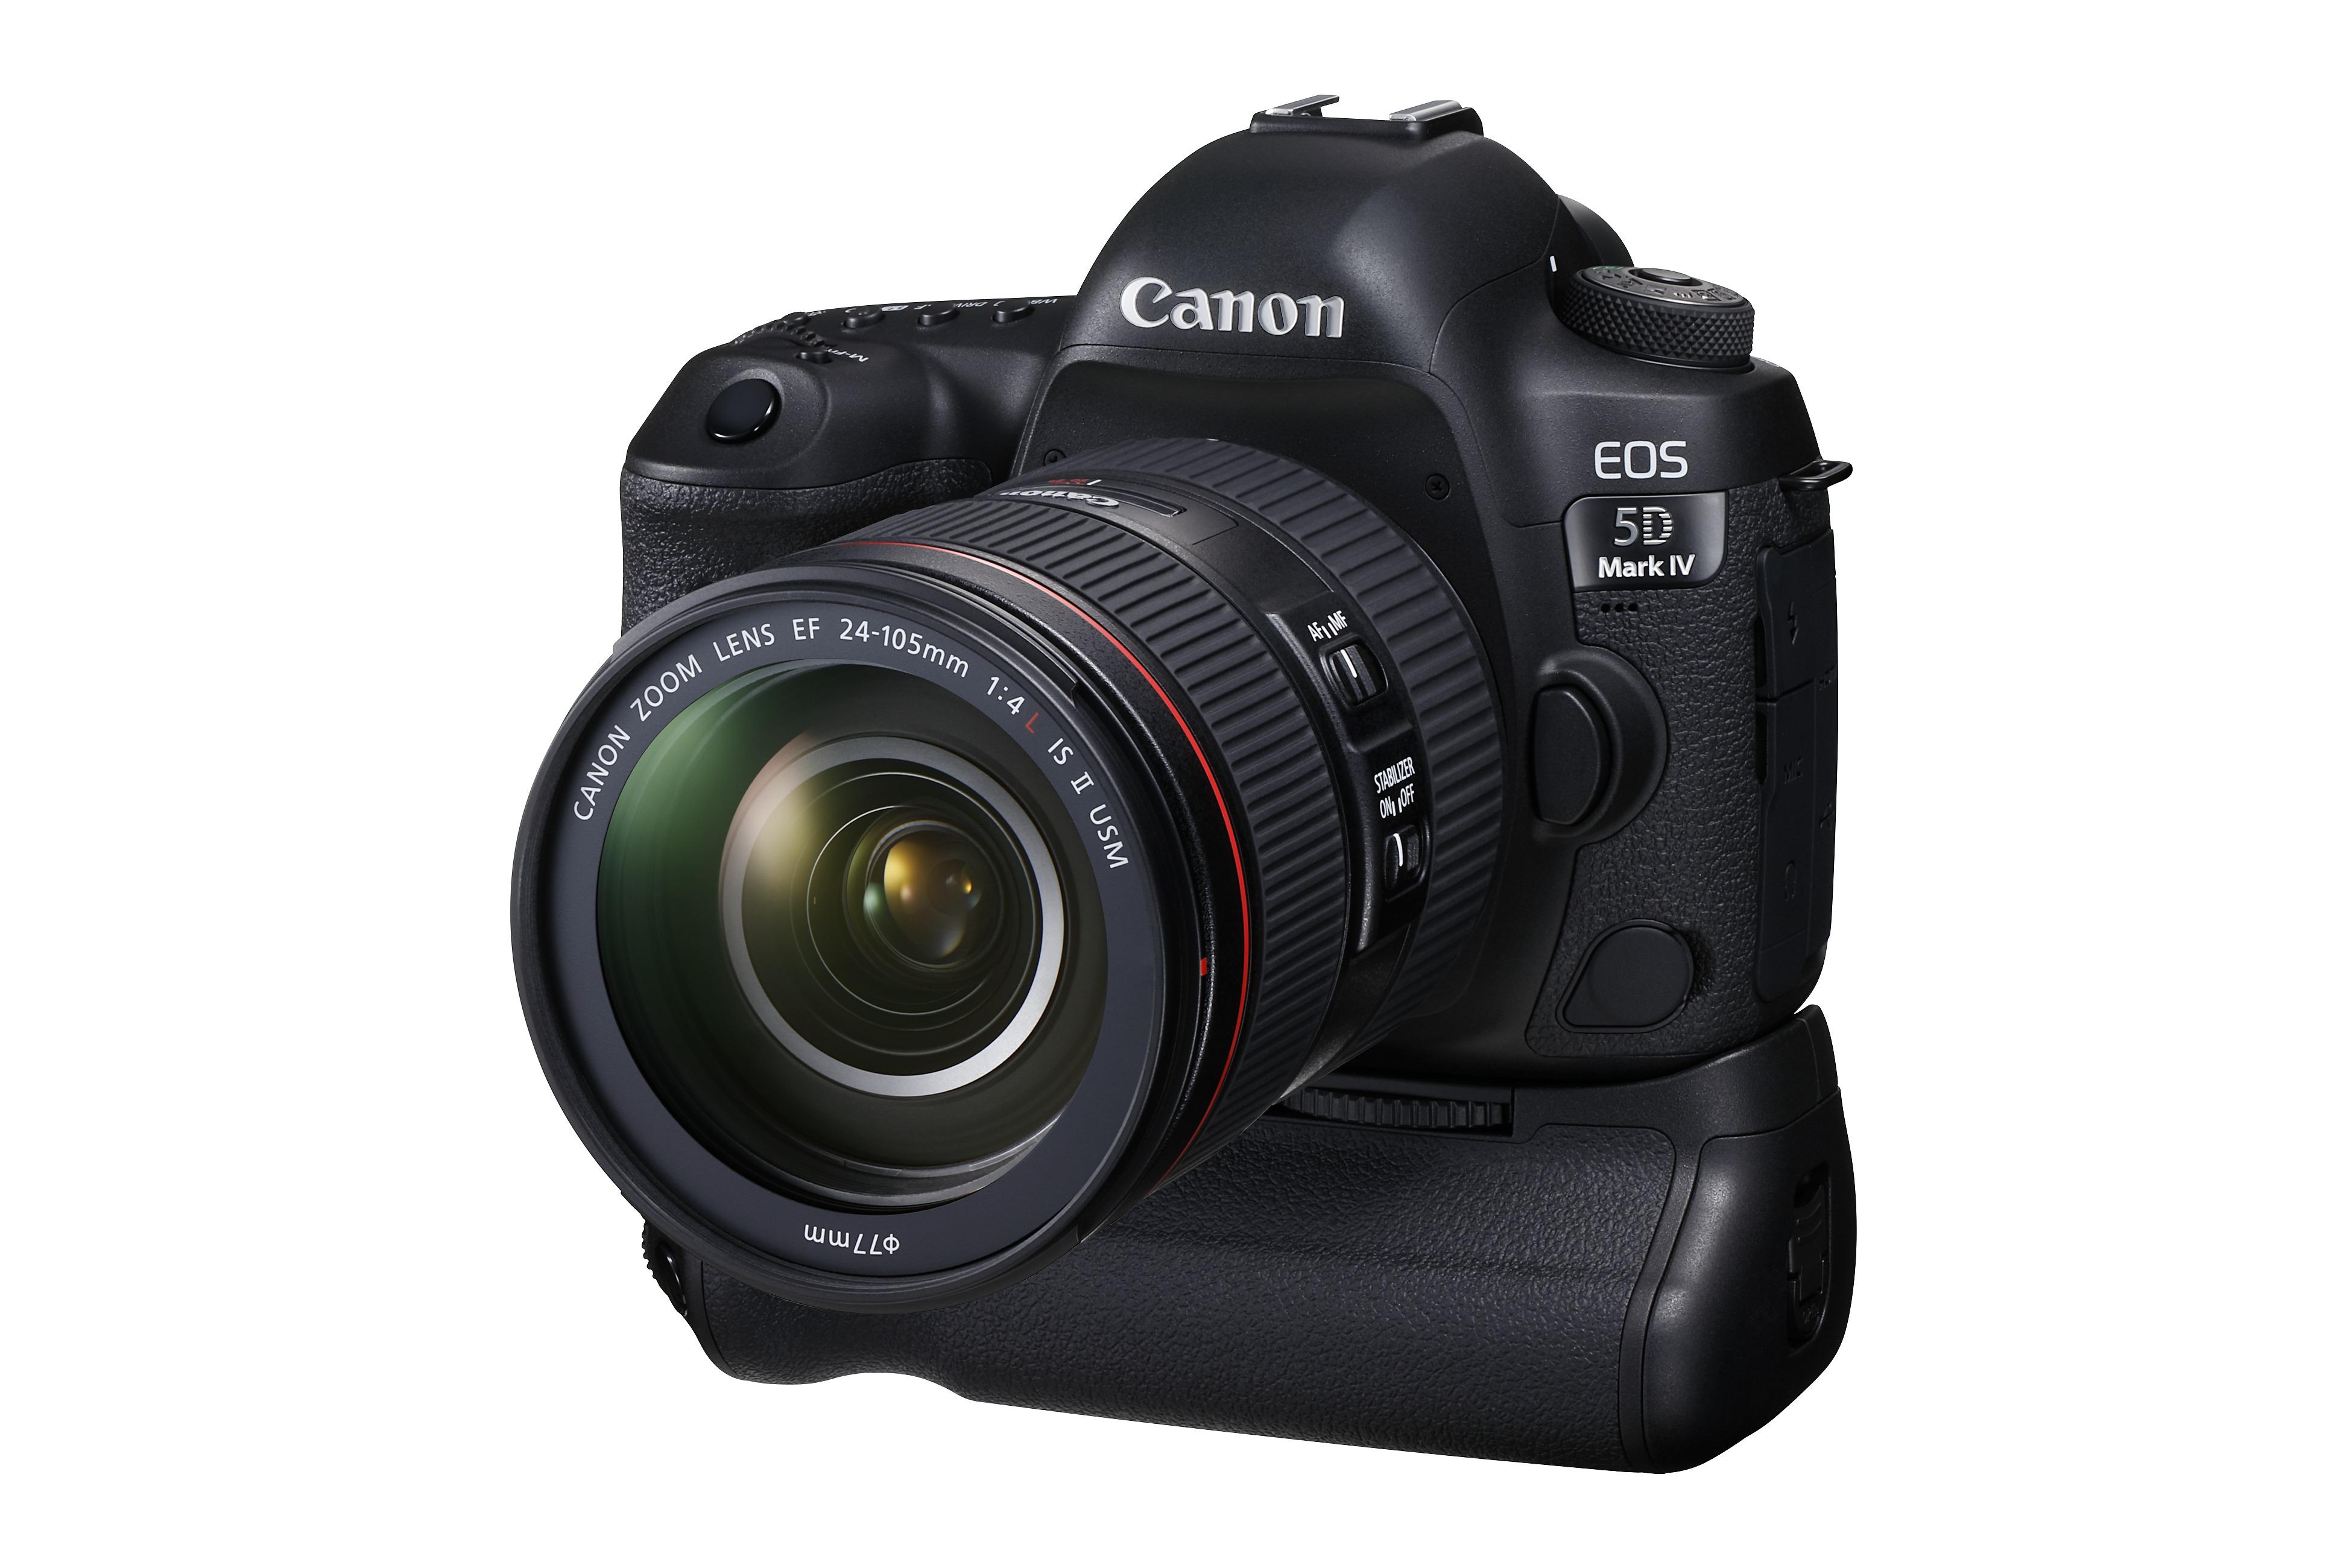 oplader til canon kamera spejlrefleks